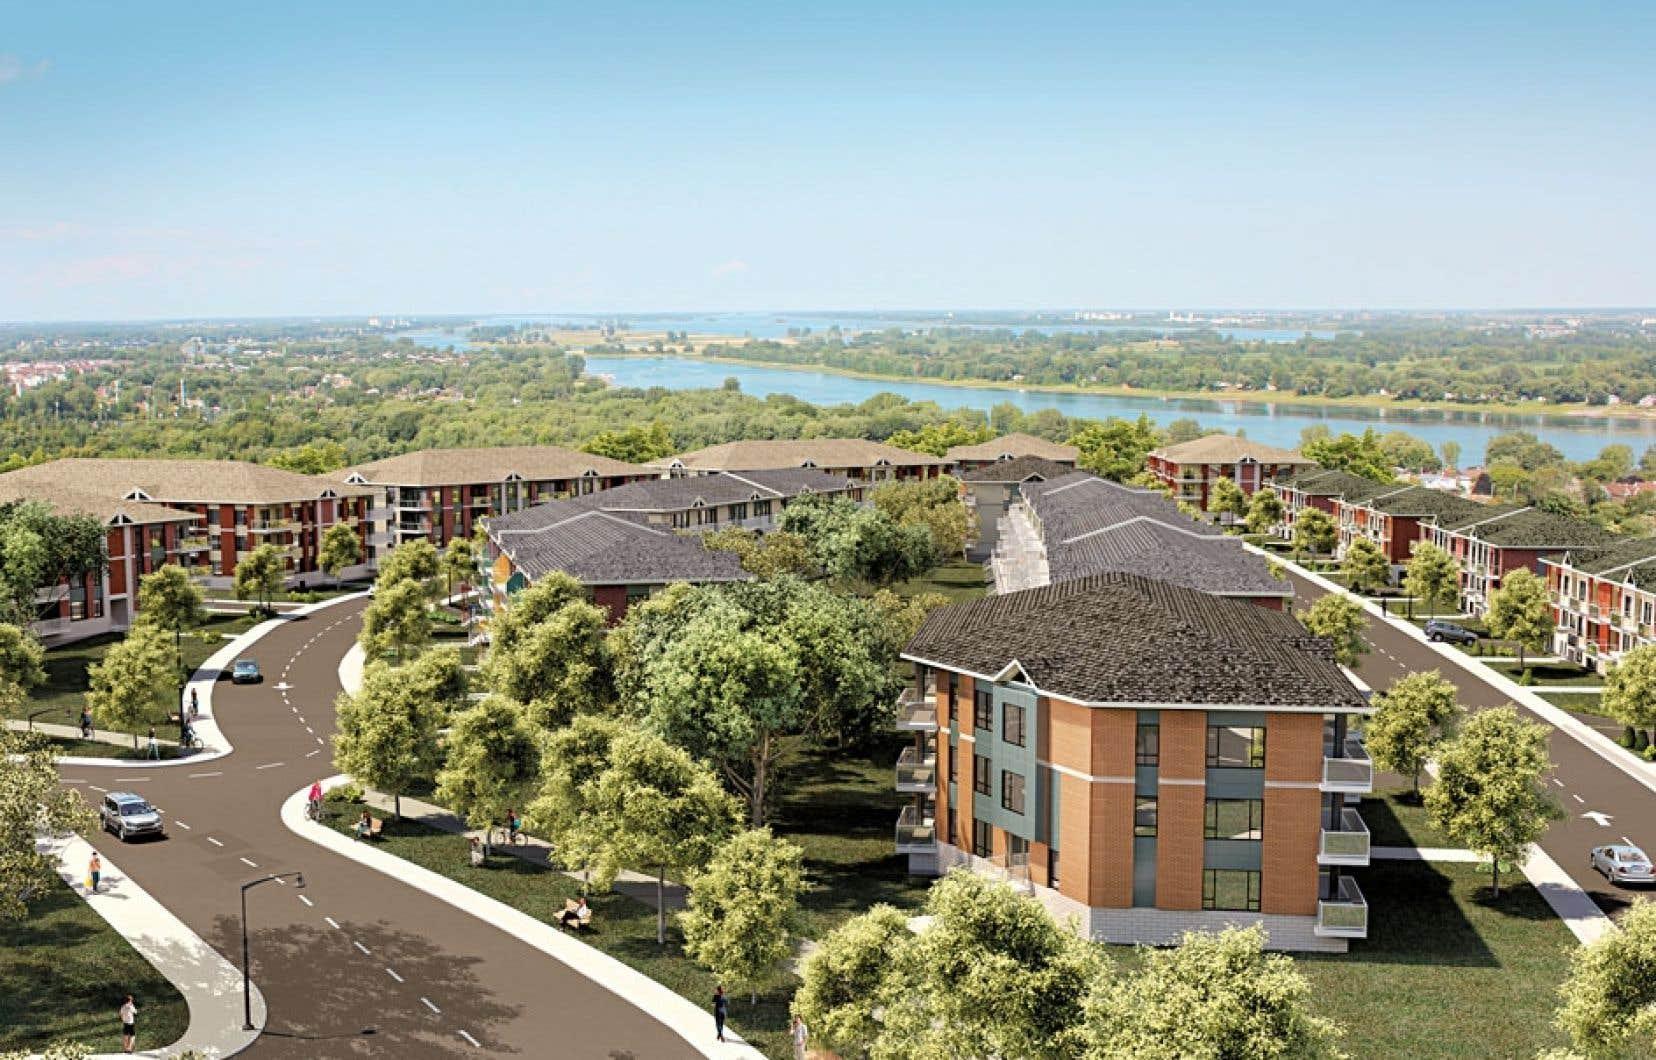 Les habitations de la phase 1 du projet de Pointe Est sont en vente en vue d'une livraison en juillet 2013.